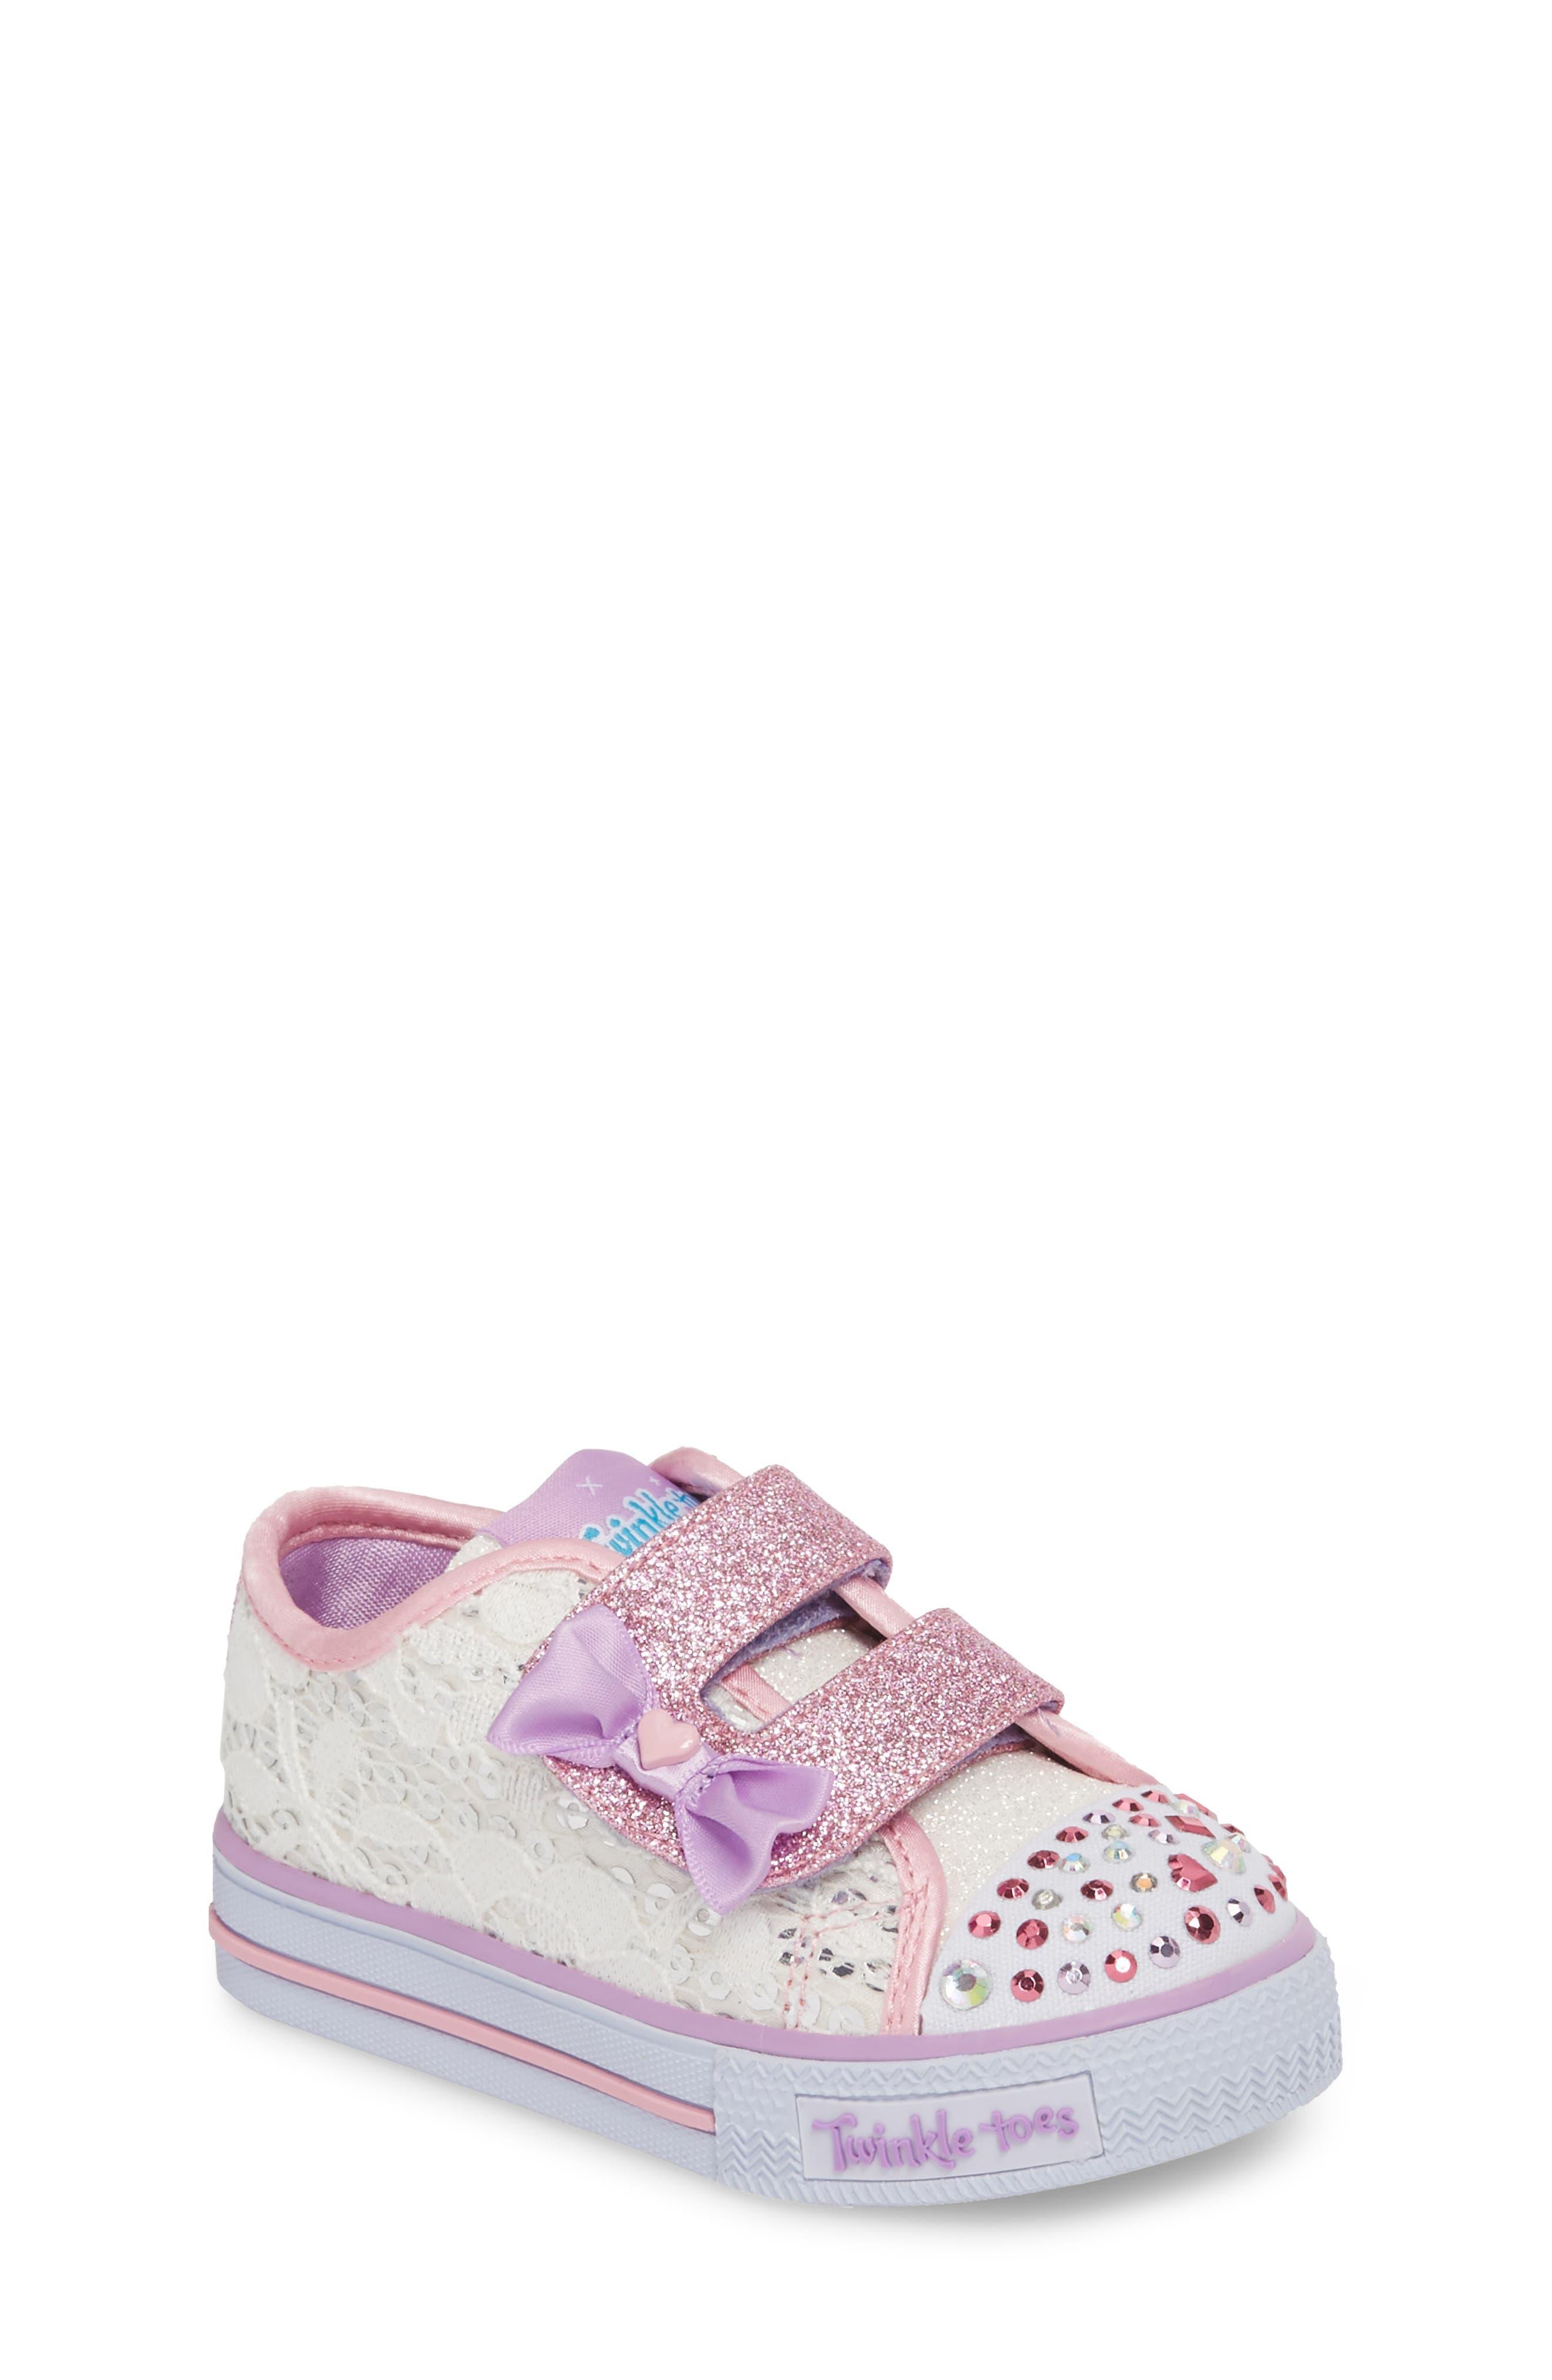 SKECHERS Twinkle Toes Shuffles Light-Up Glitter Sneaker (Walker & Toddler)